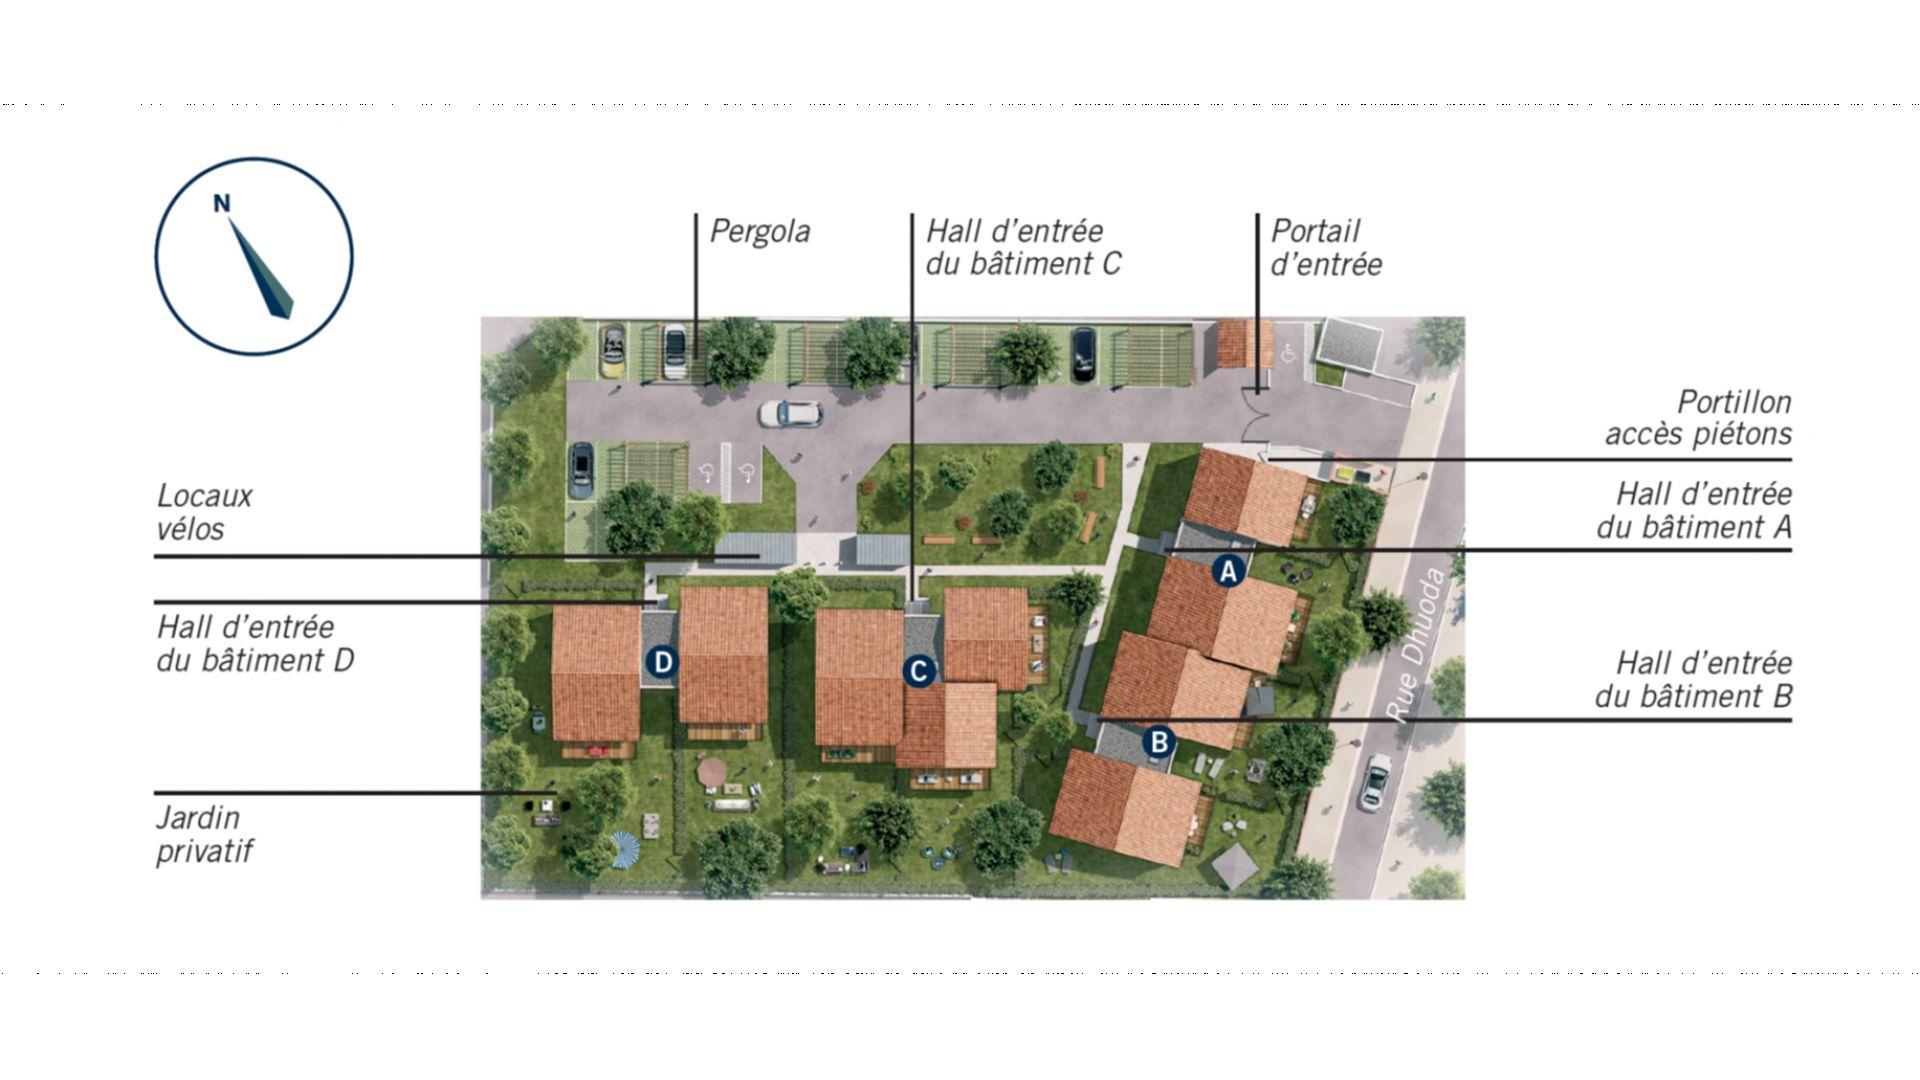 Greencity Immobilier - Hameau Dhuoda - achat appartements neufs du T2 au T3 - 31100 Toulouse Saint-Simon - plan de masee